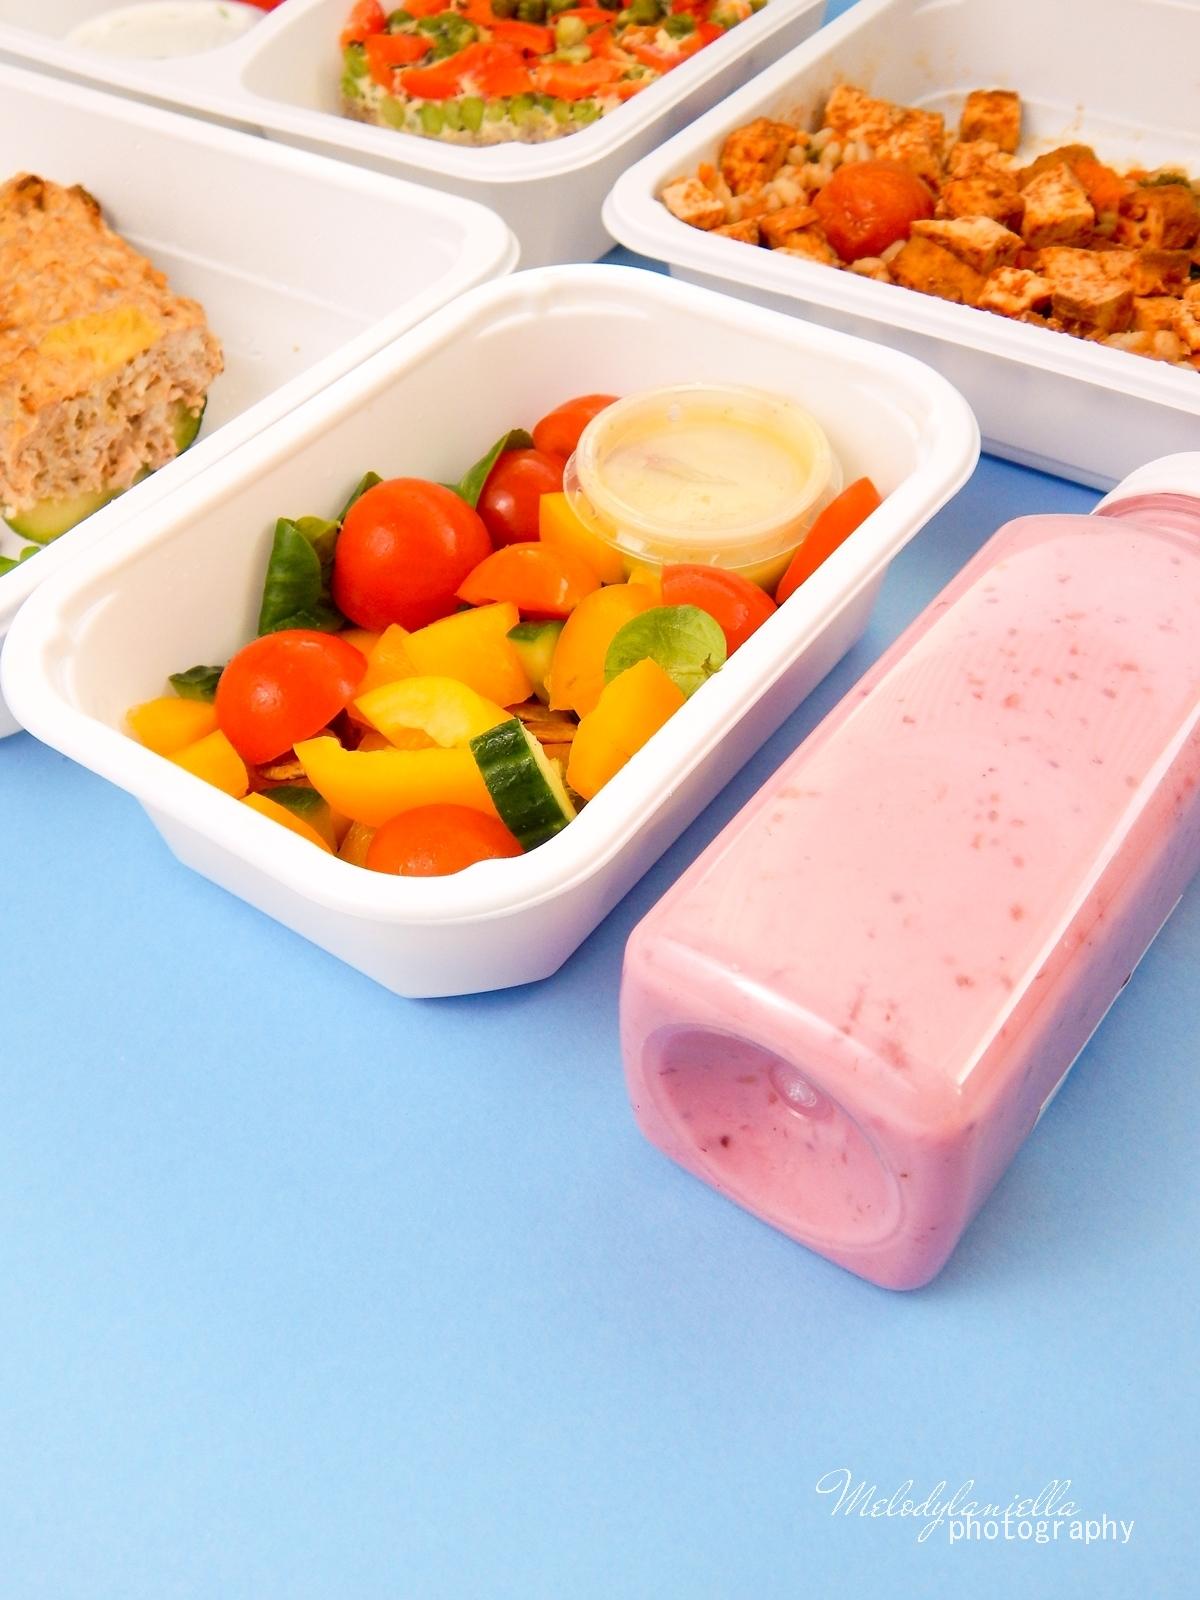 020 cateromarket dieta pudełkowa catering dietetyczny dieta jak przejść na dietę catering z dowozem do domu dieta kalorie melodylaniella dieta na cały dzień jedzenie na cały dzień catering do domu